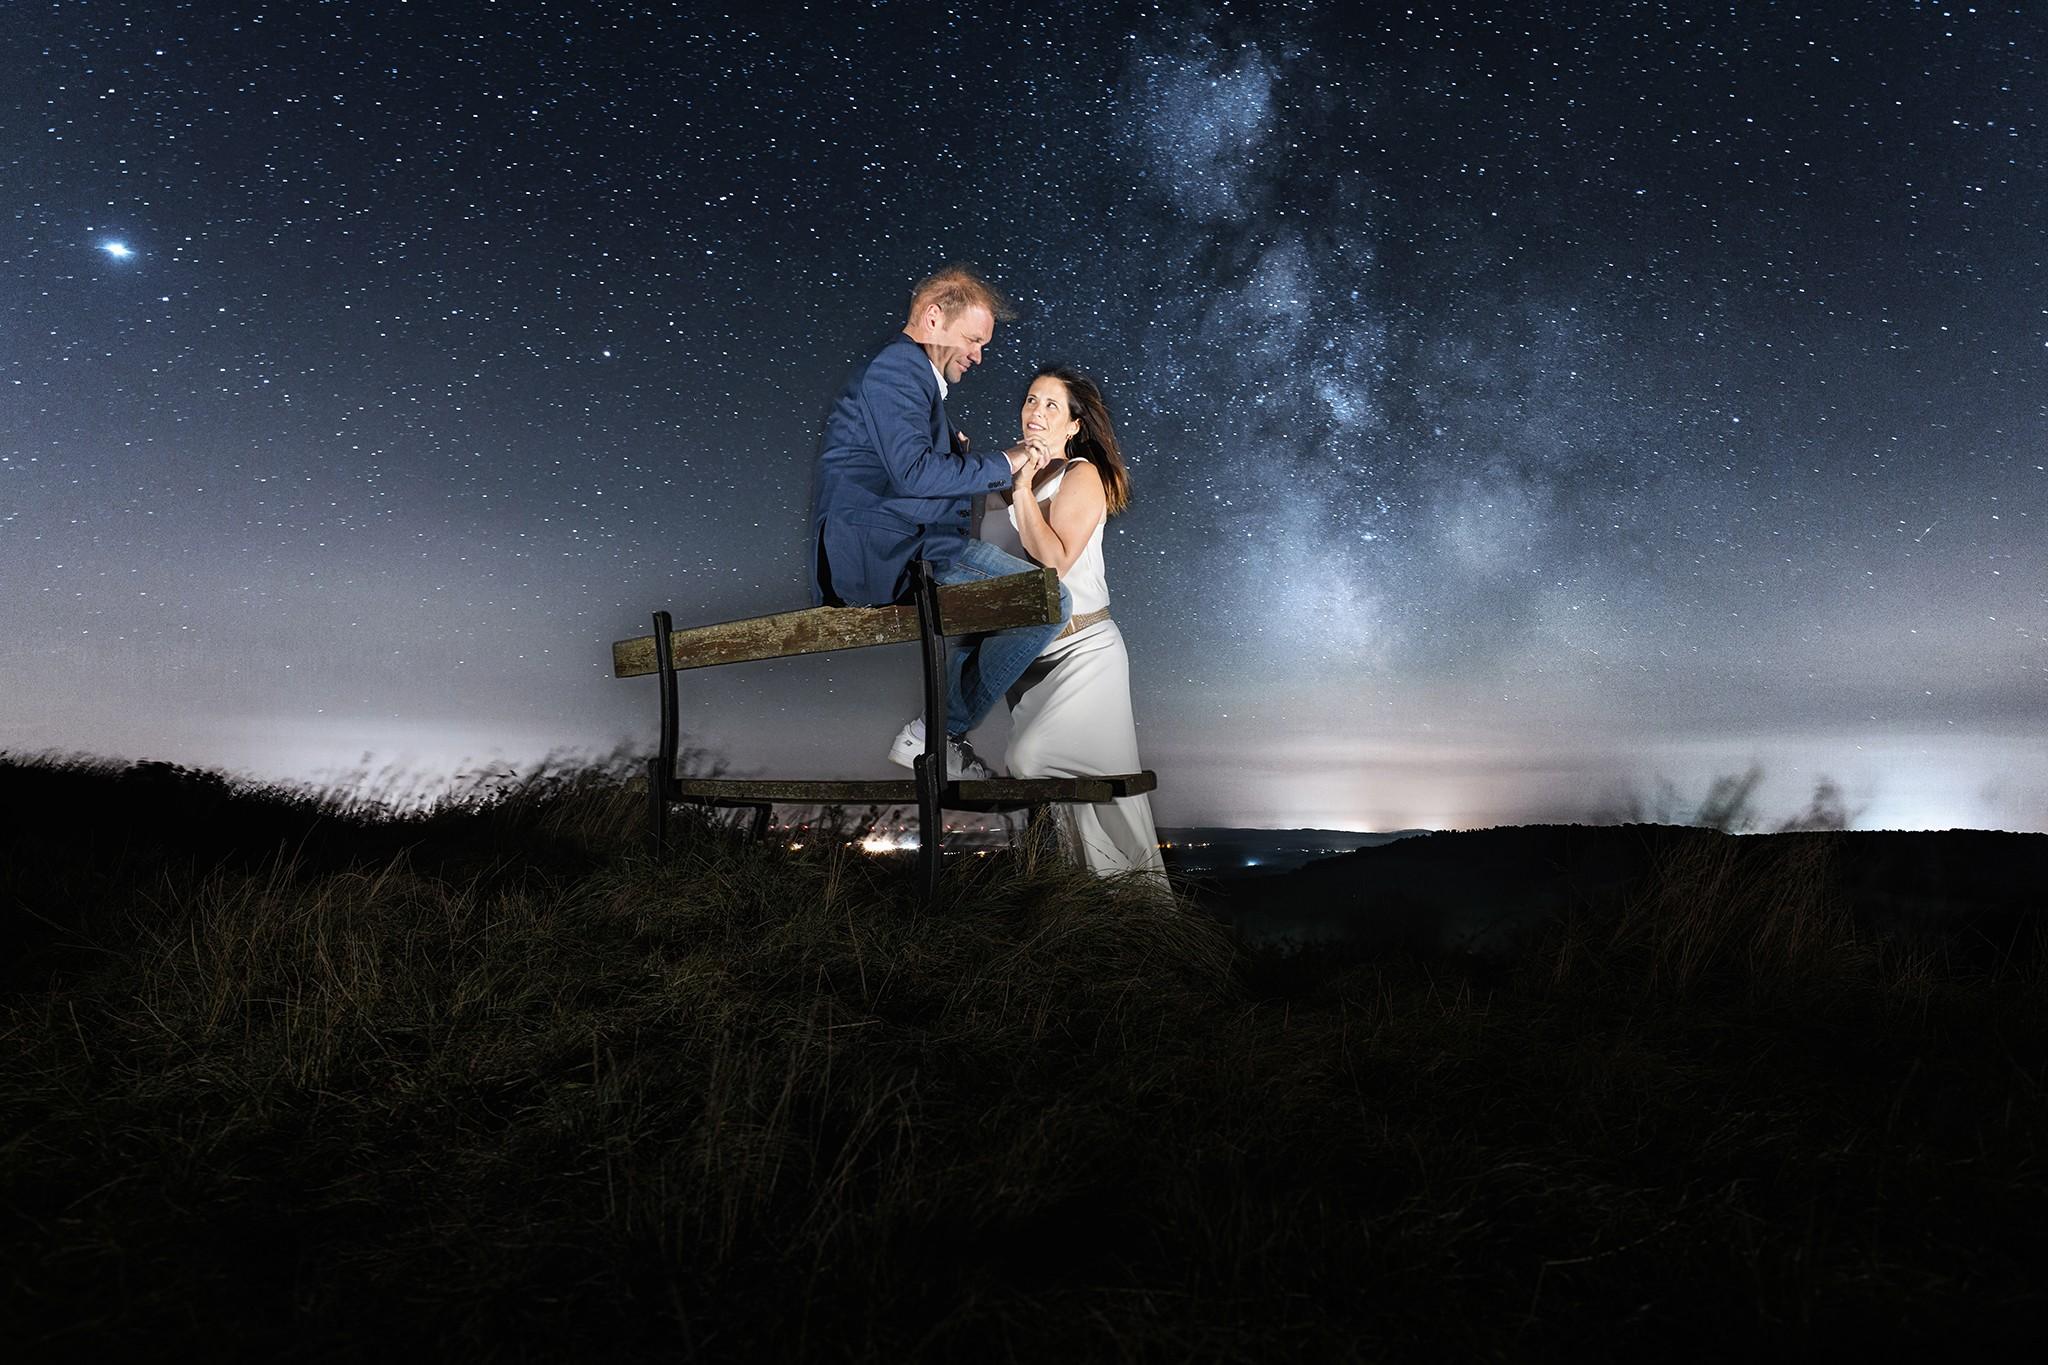 Sous la Voie lactée en astrophotographie